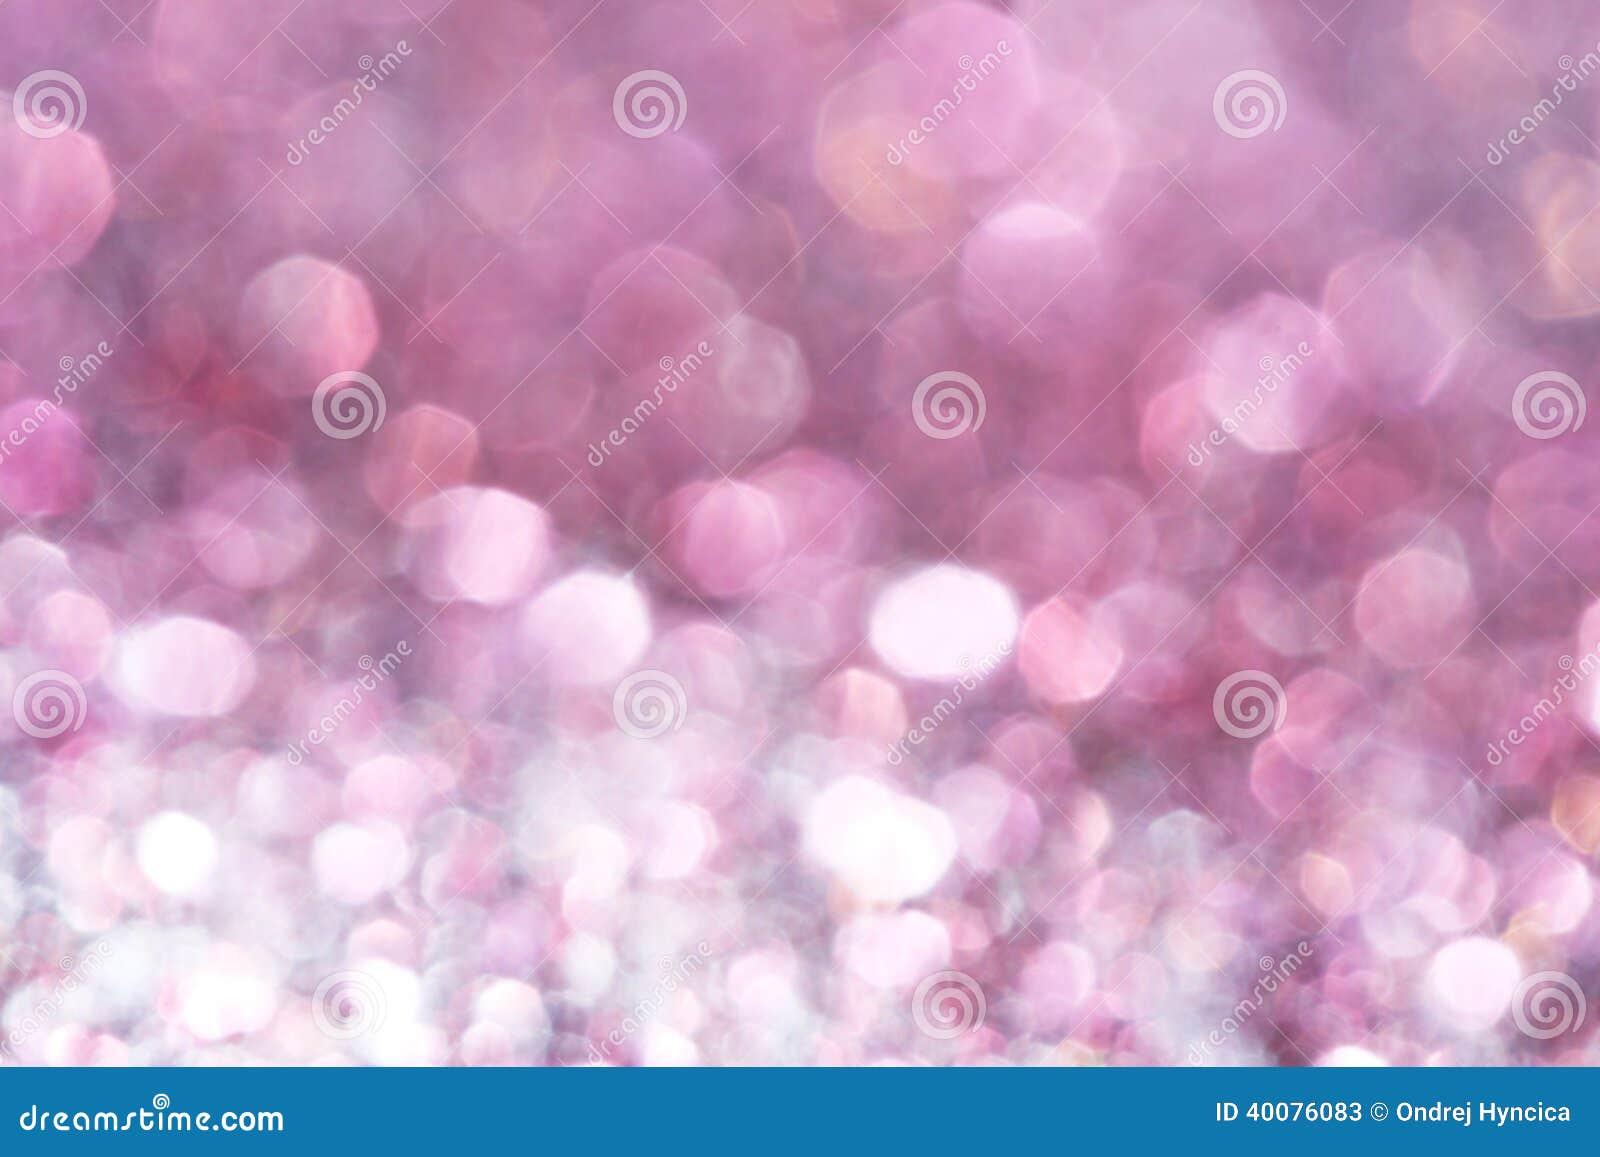 Fond abstrait mauve clair et rose de lumi res molles illustration stock image 40076083 for Mauve claire couleur